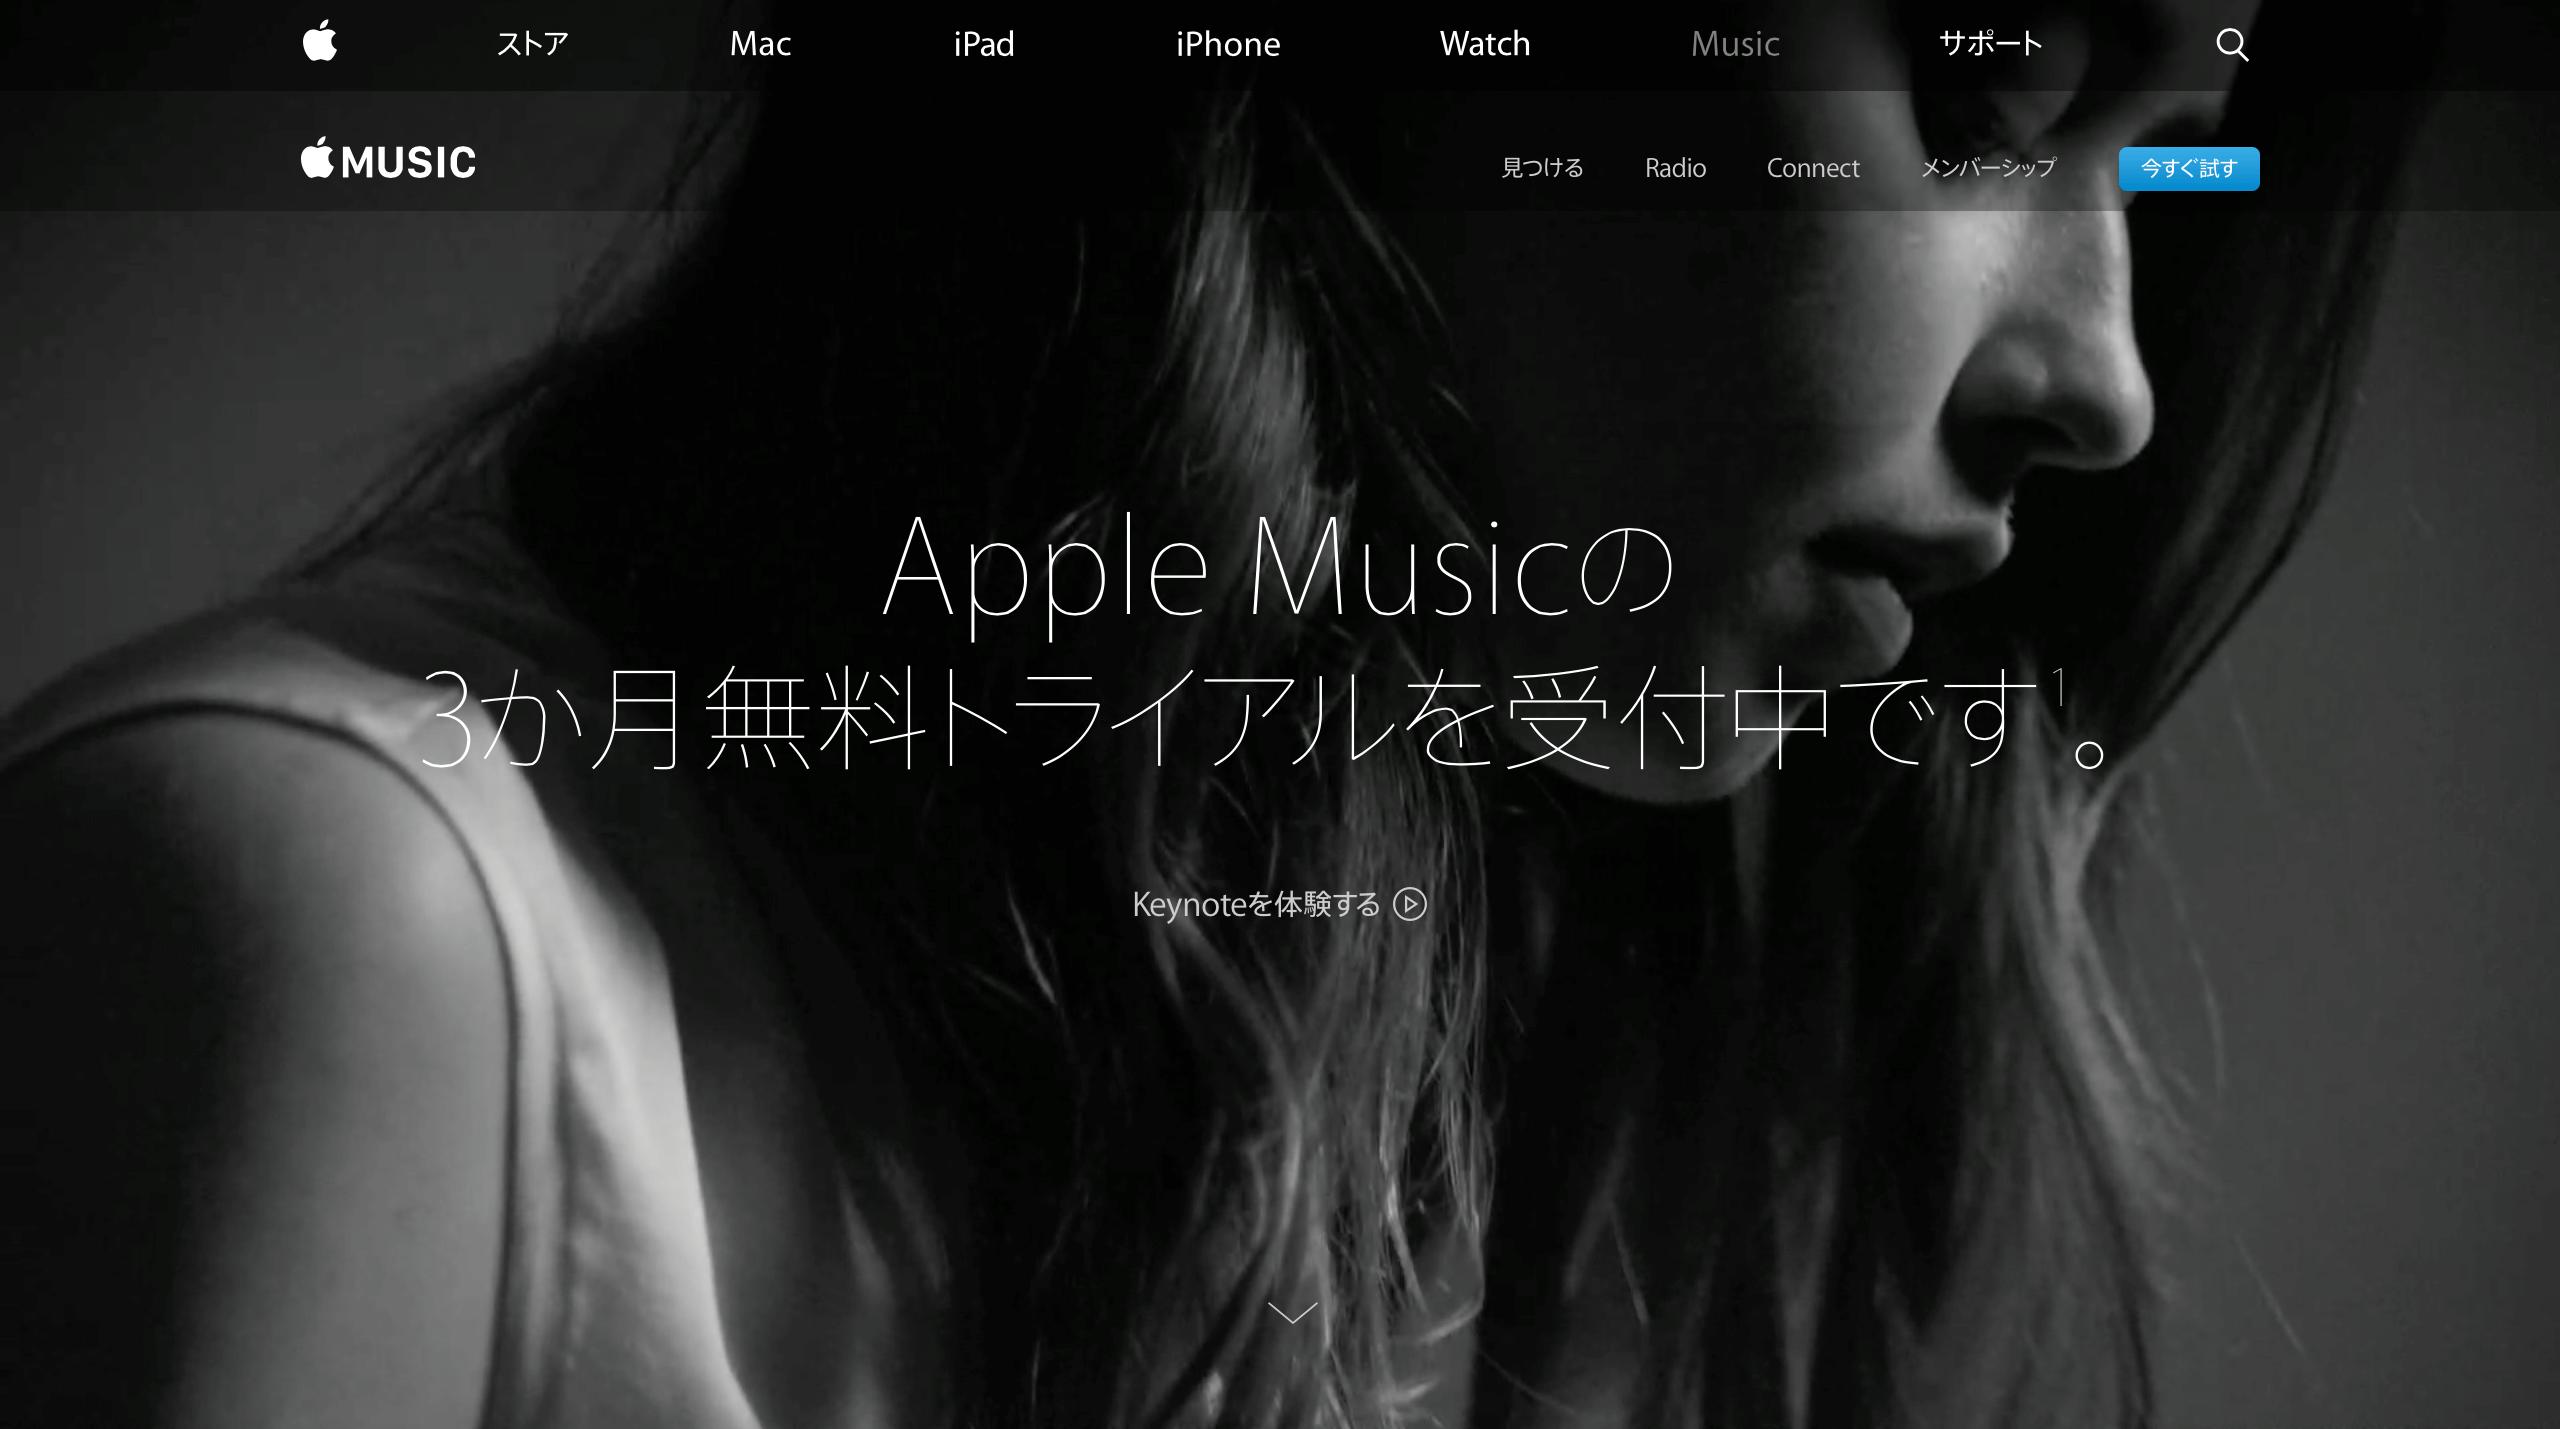 Apple Musicの公式サイト